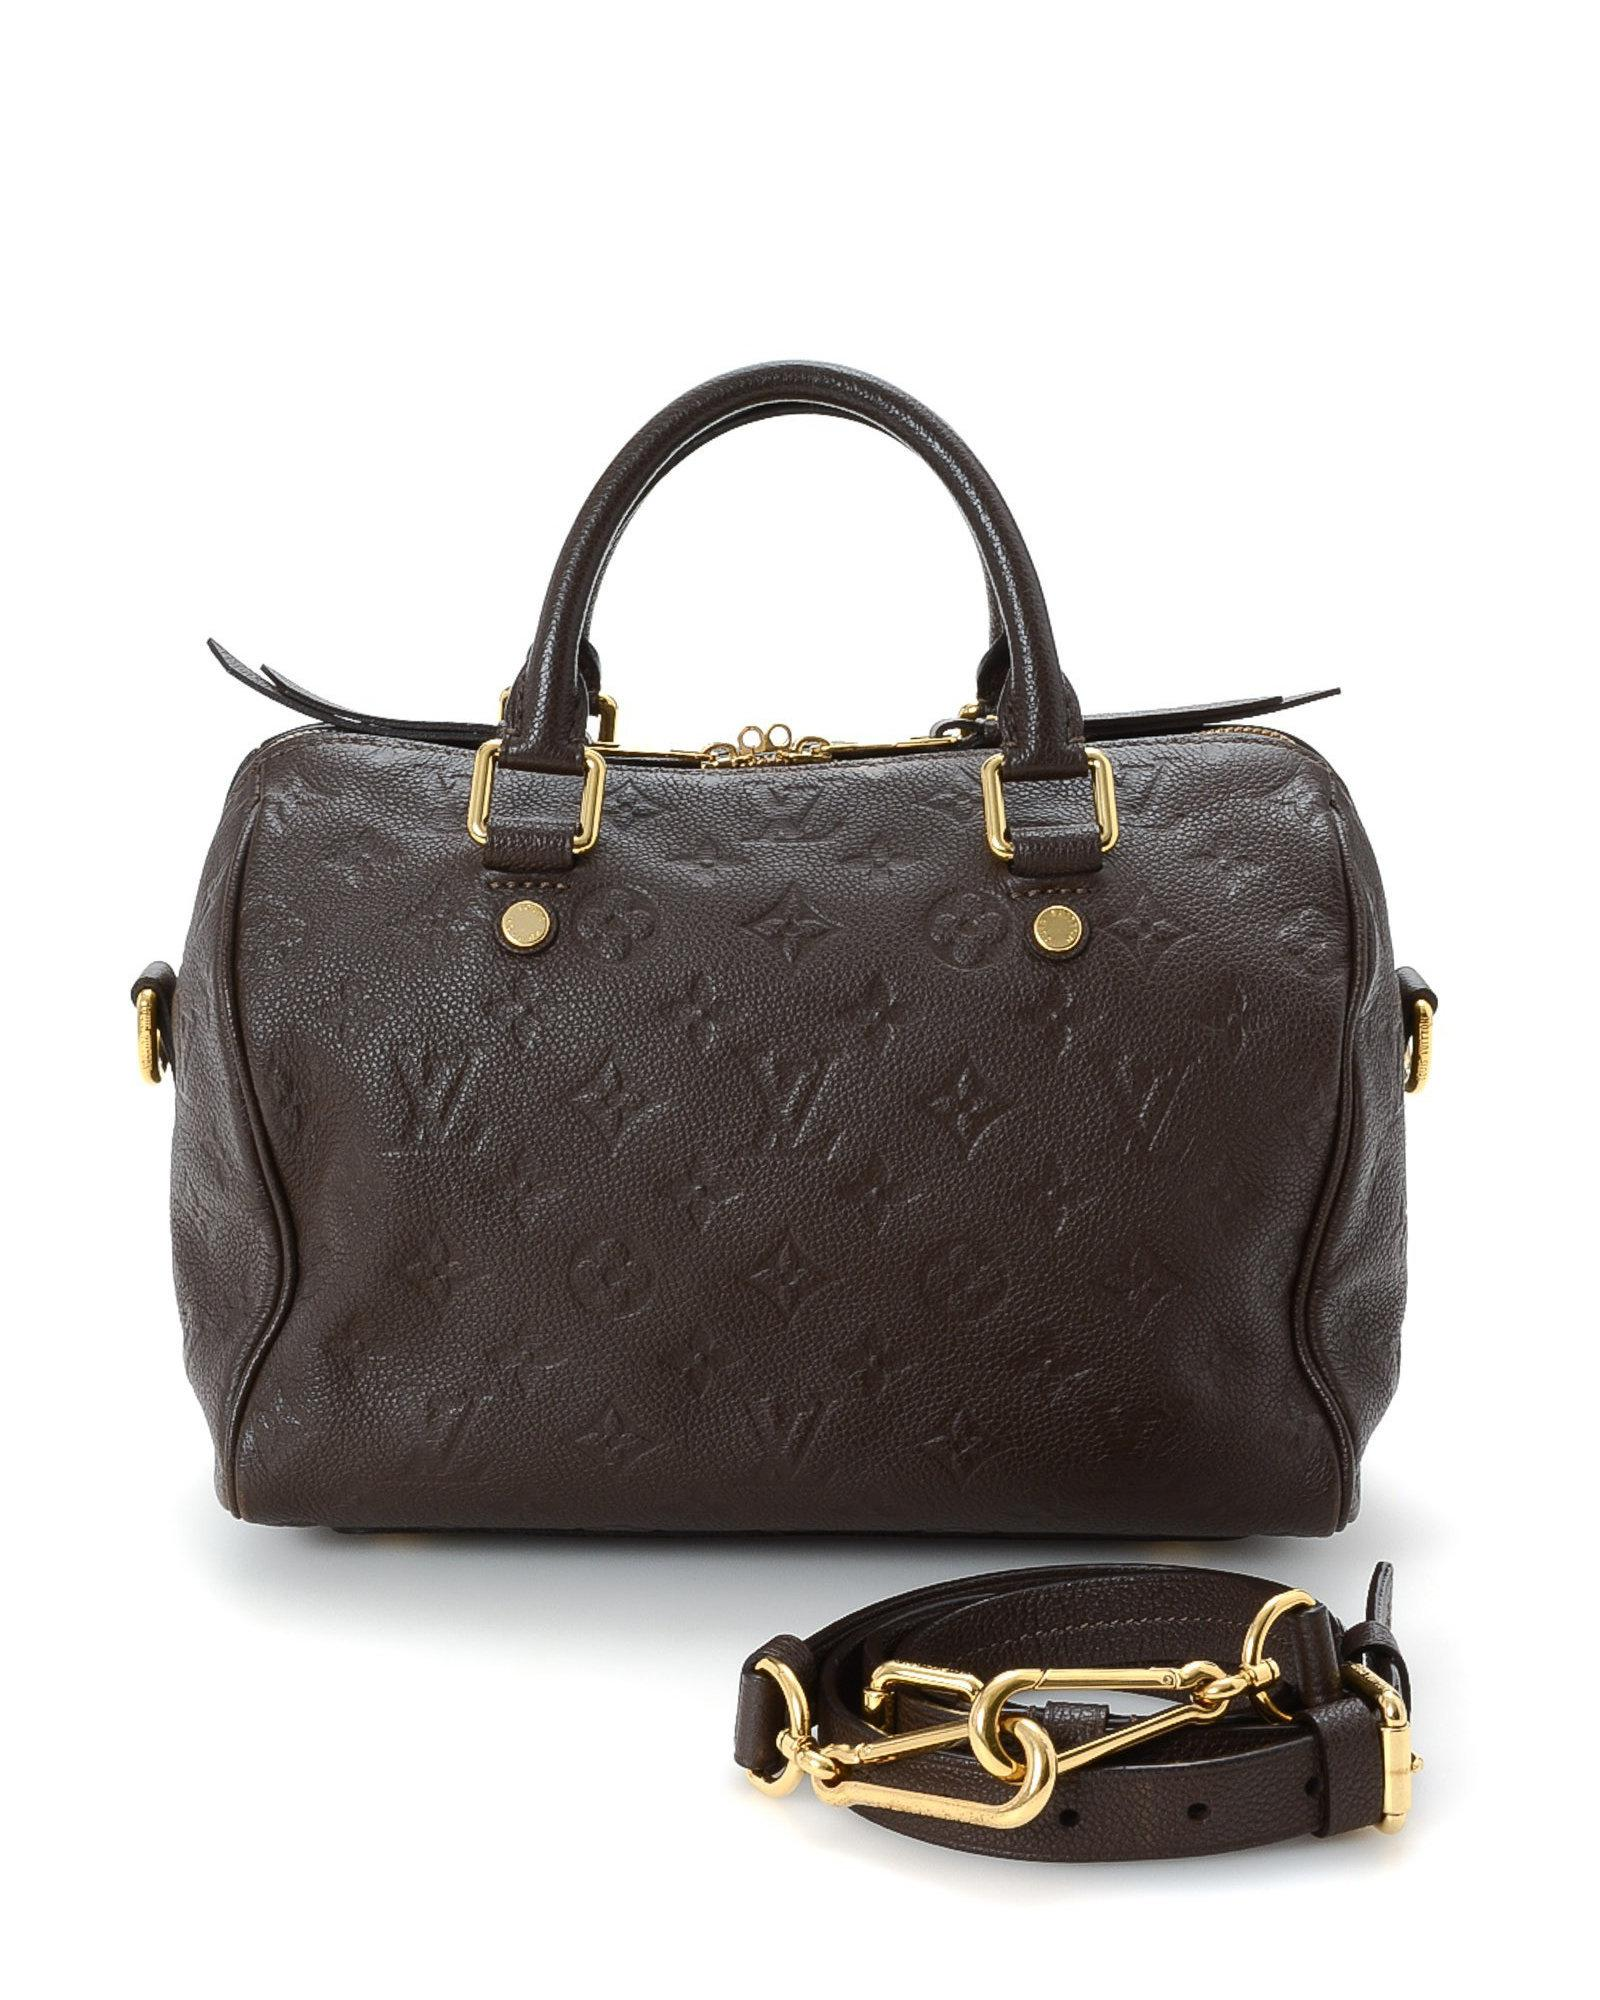 Lyst Louis Vuitton Empreinte Speedy 25 Handbag Vintage In Brown